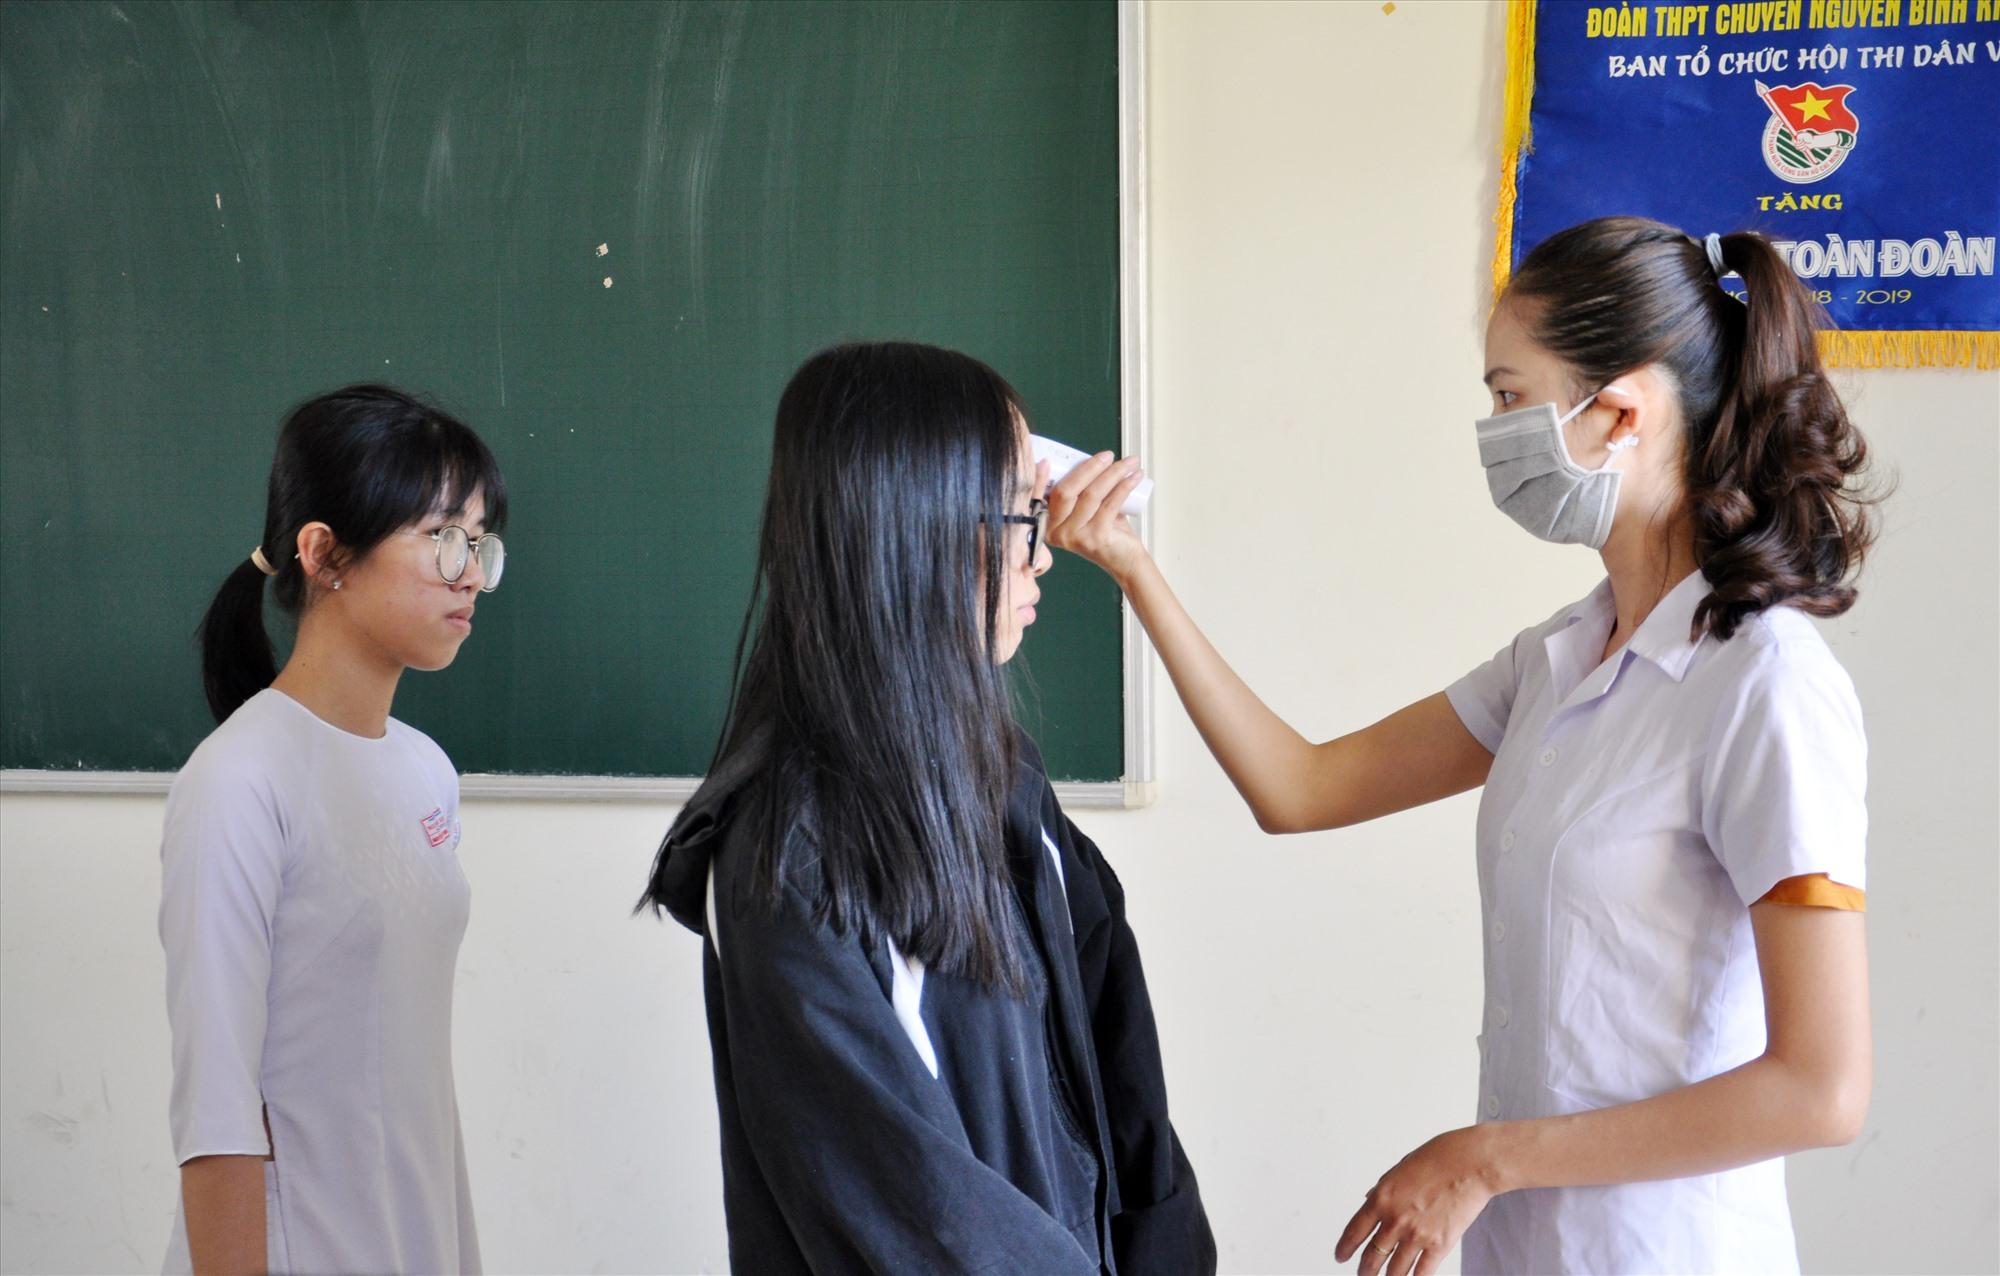 Các trường học được khuyến cáo phải trang bị máy đo thân nhiệt để kiểm tra HS hàng ngày. Ảnh: X.P